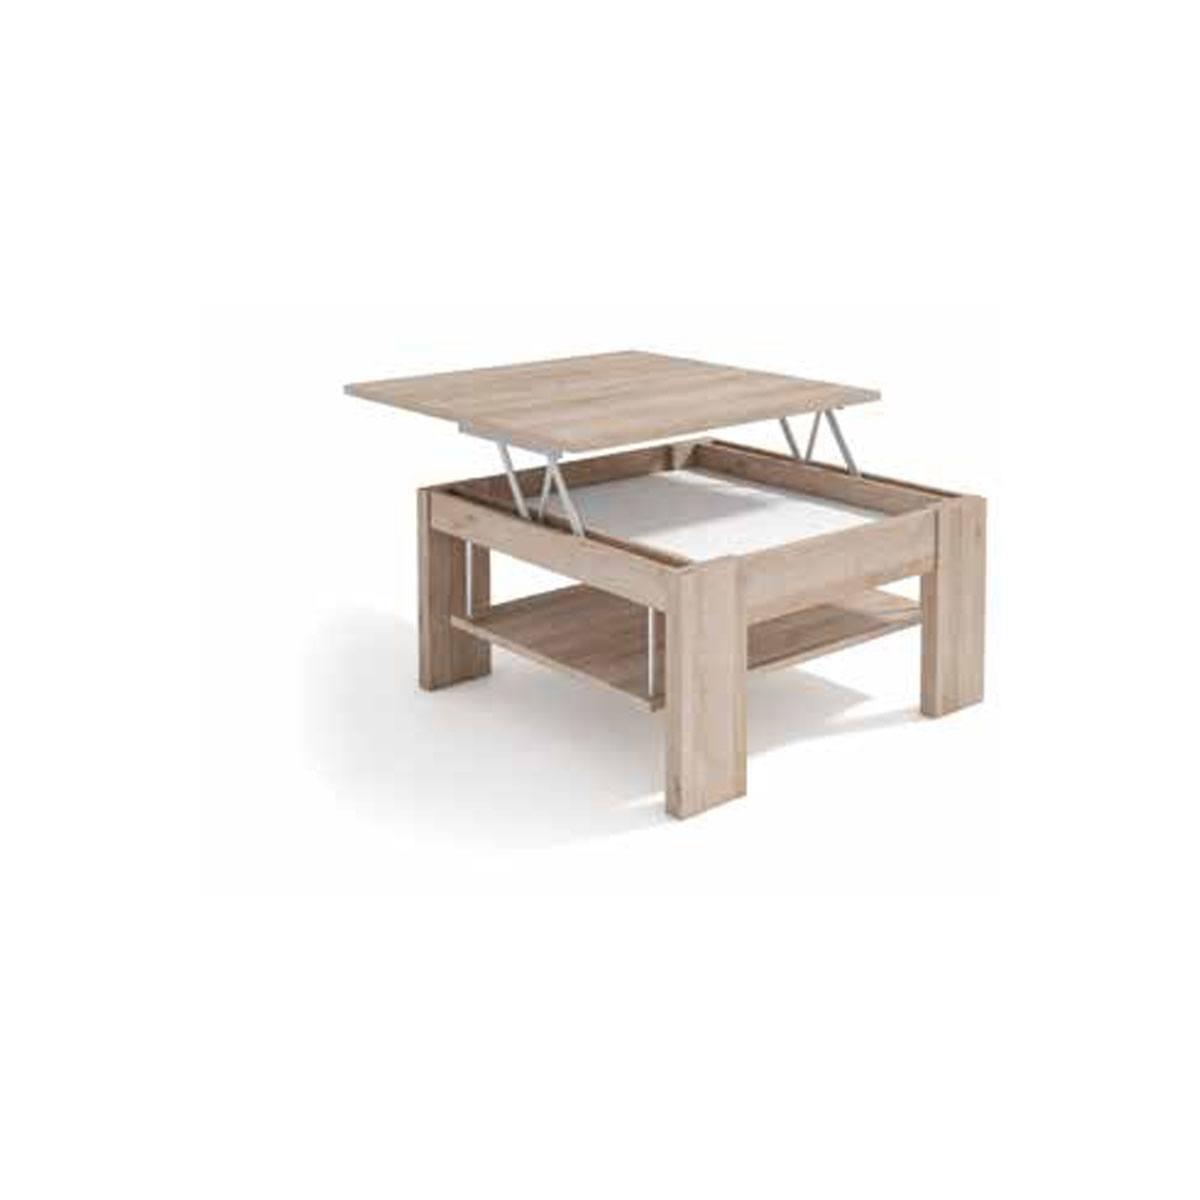 Mesa de centro elevable cuadrada 80cm. Comprar mesas elevables